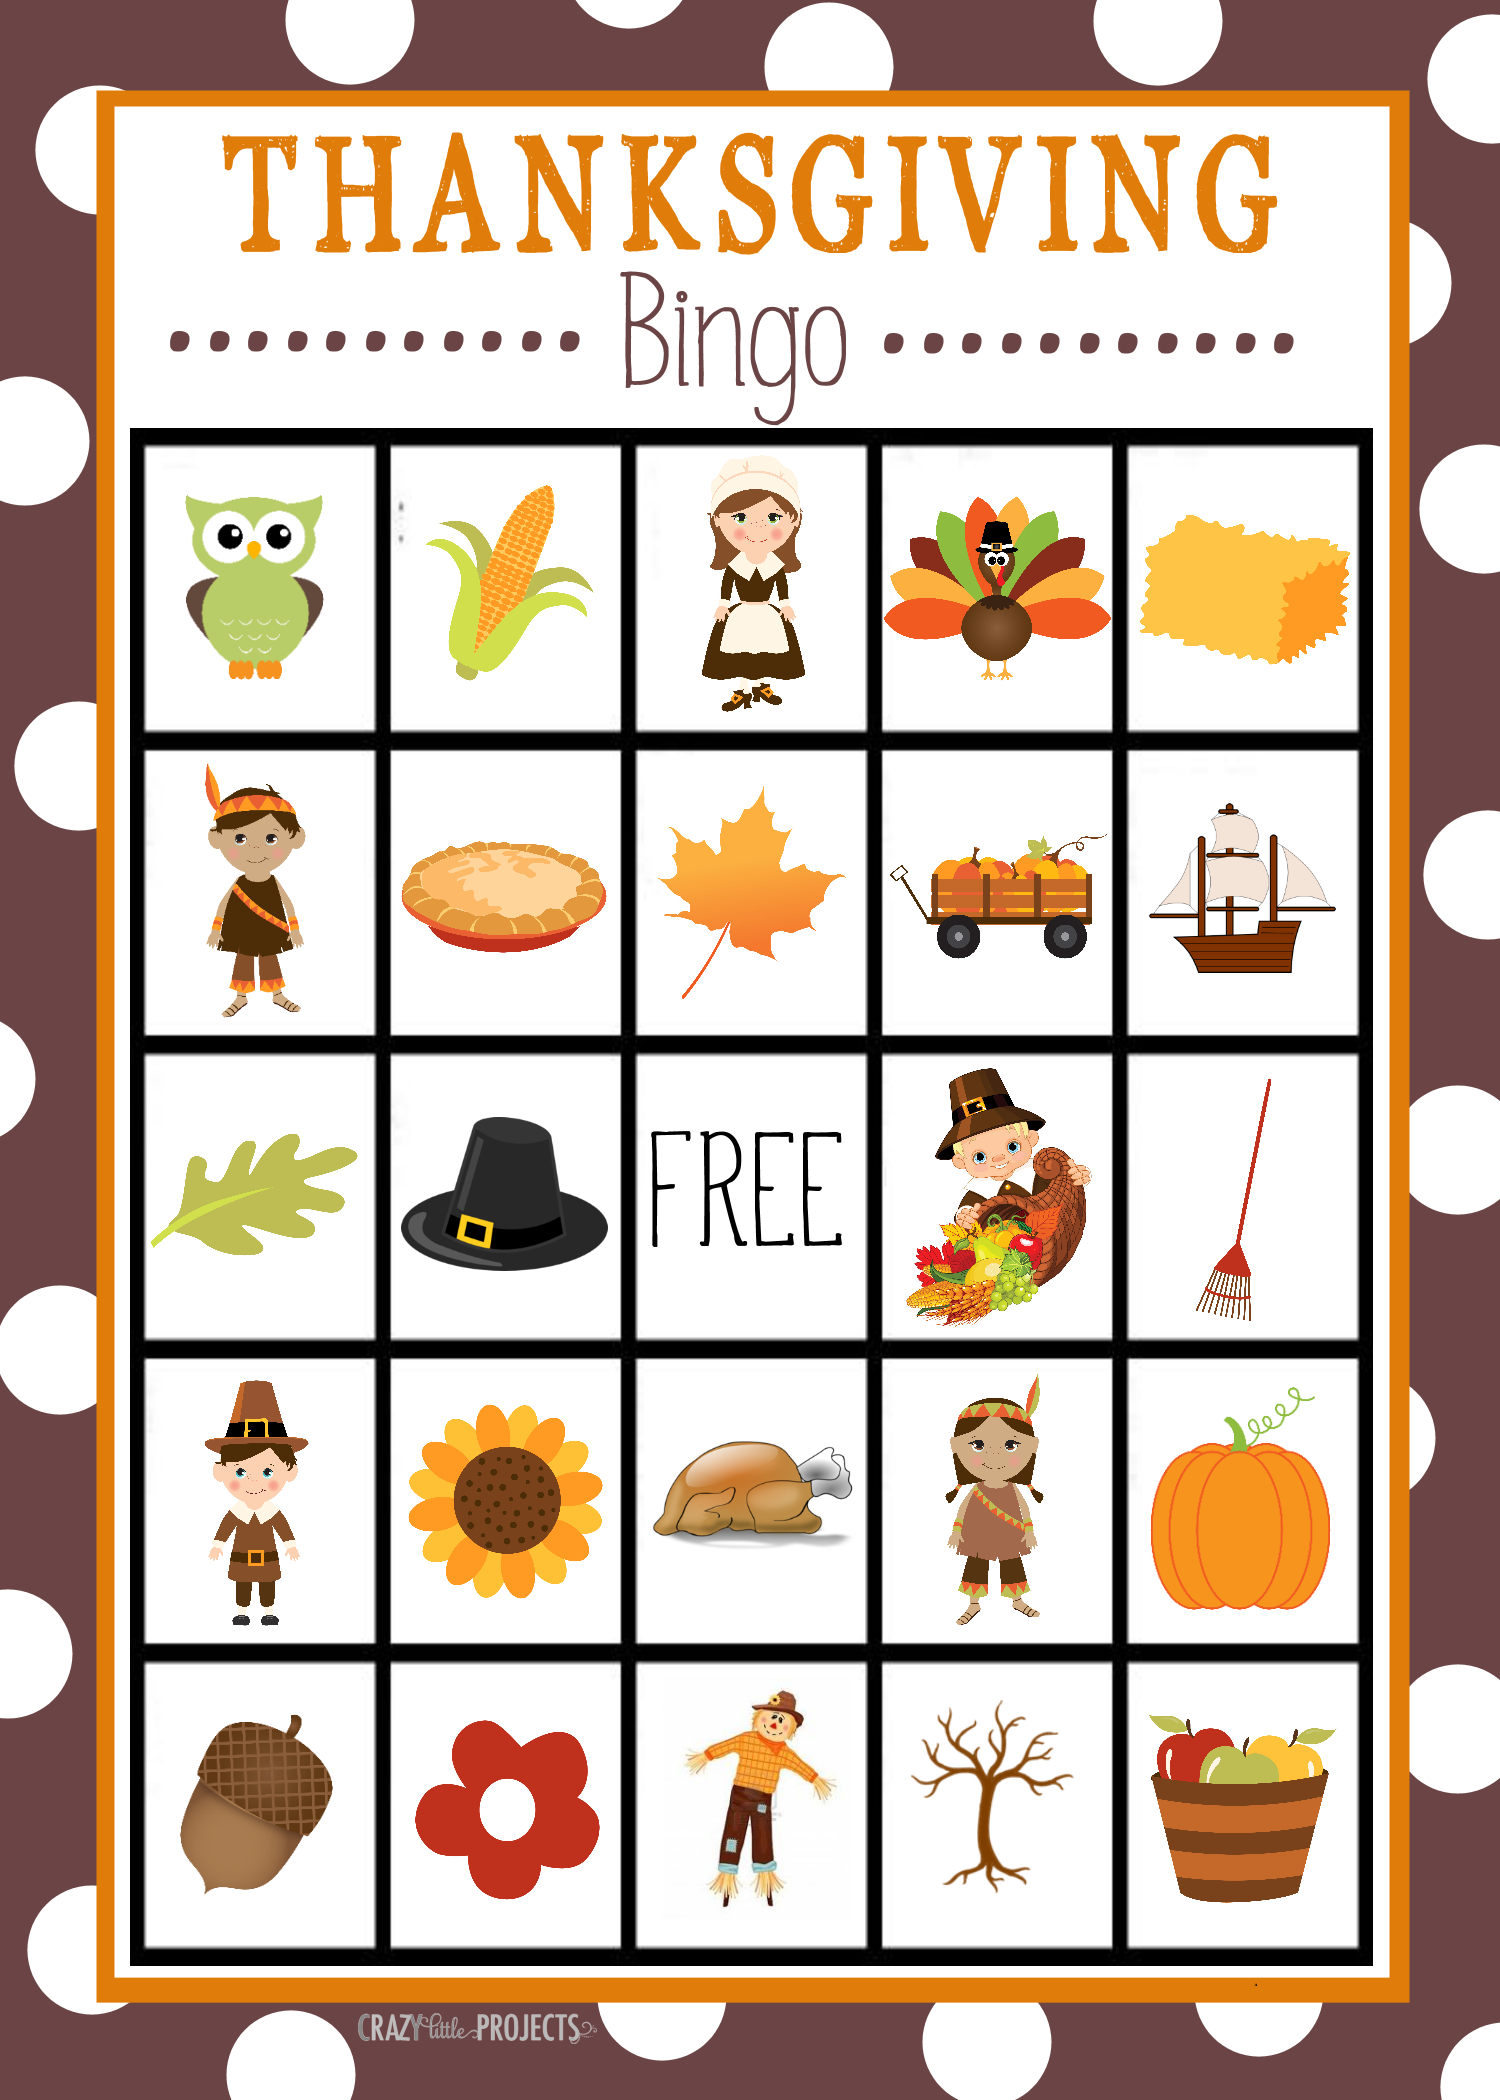 Free Printable Thanksgiving Bingo Game | Craft Time | Pinterest - Free Printable Thanksgiving Images